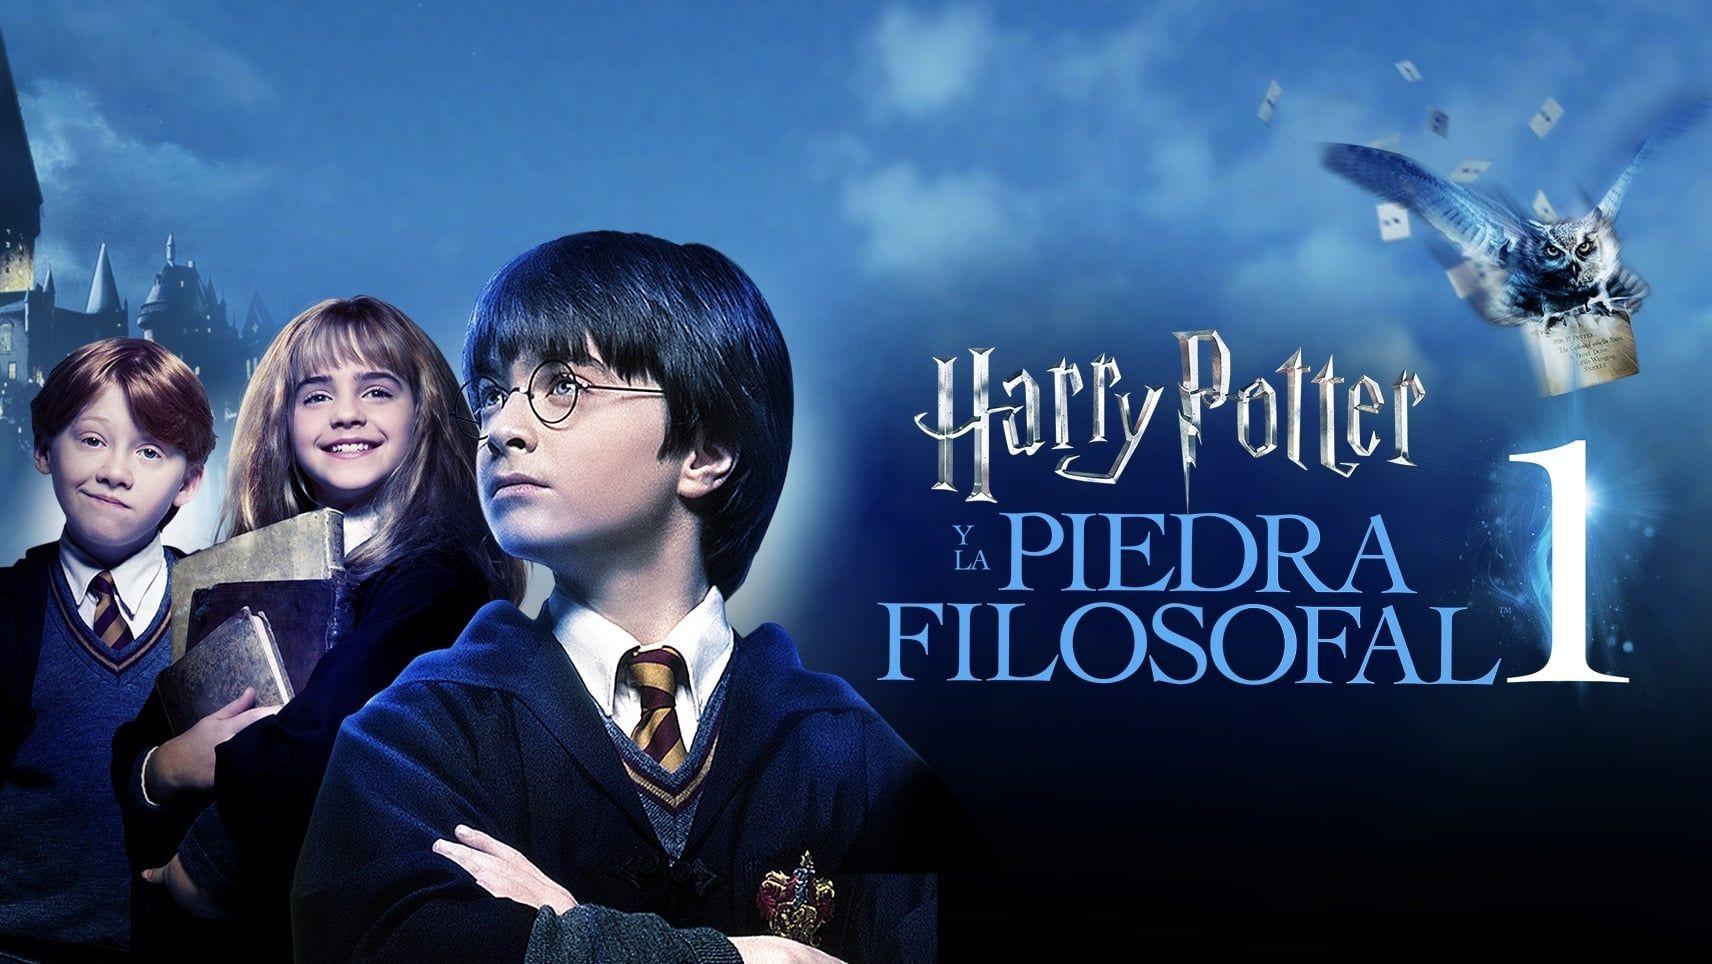 Harry Potter Erfahrt An Seinem 11 Geburtstag Dass Seine Verstorbenen Eltern Machtige Zauberer W Free Movies Online Full Movies Online Free Full Movies Online